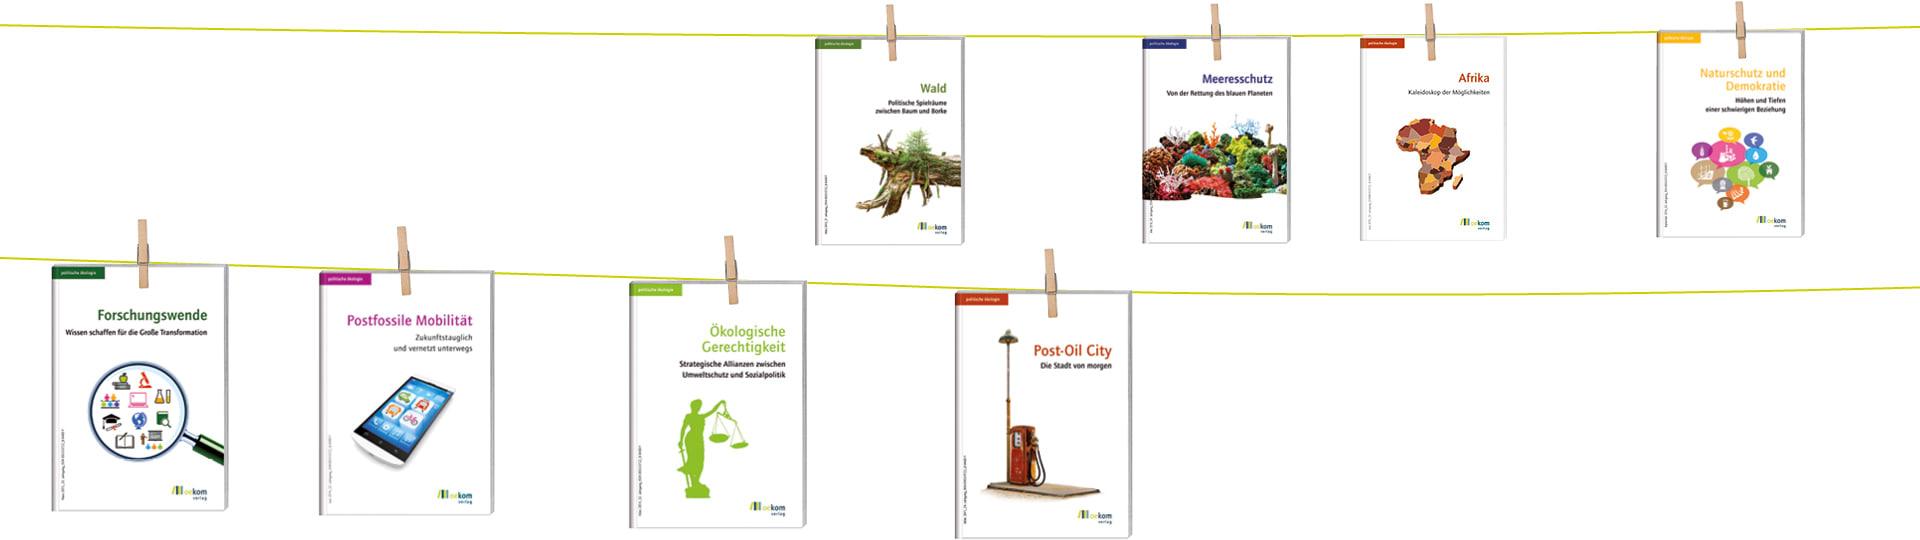 Cover von Ausgaben der Zeitschrift politische ökologie im Themenpaket